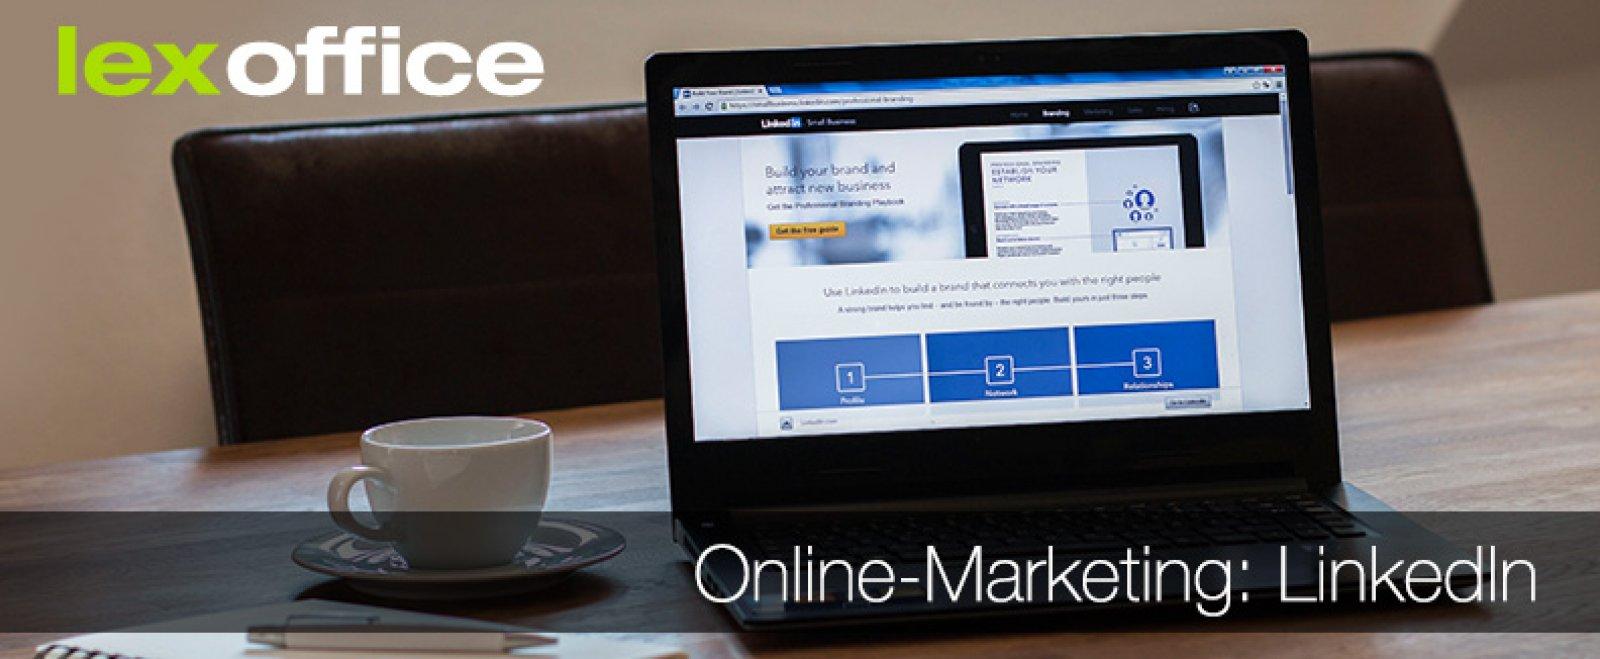 Online-Marketing für Einsteiger: LinkedIn-Anzeigen